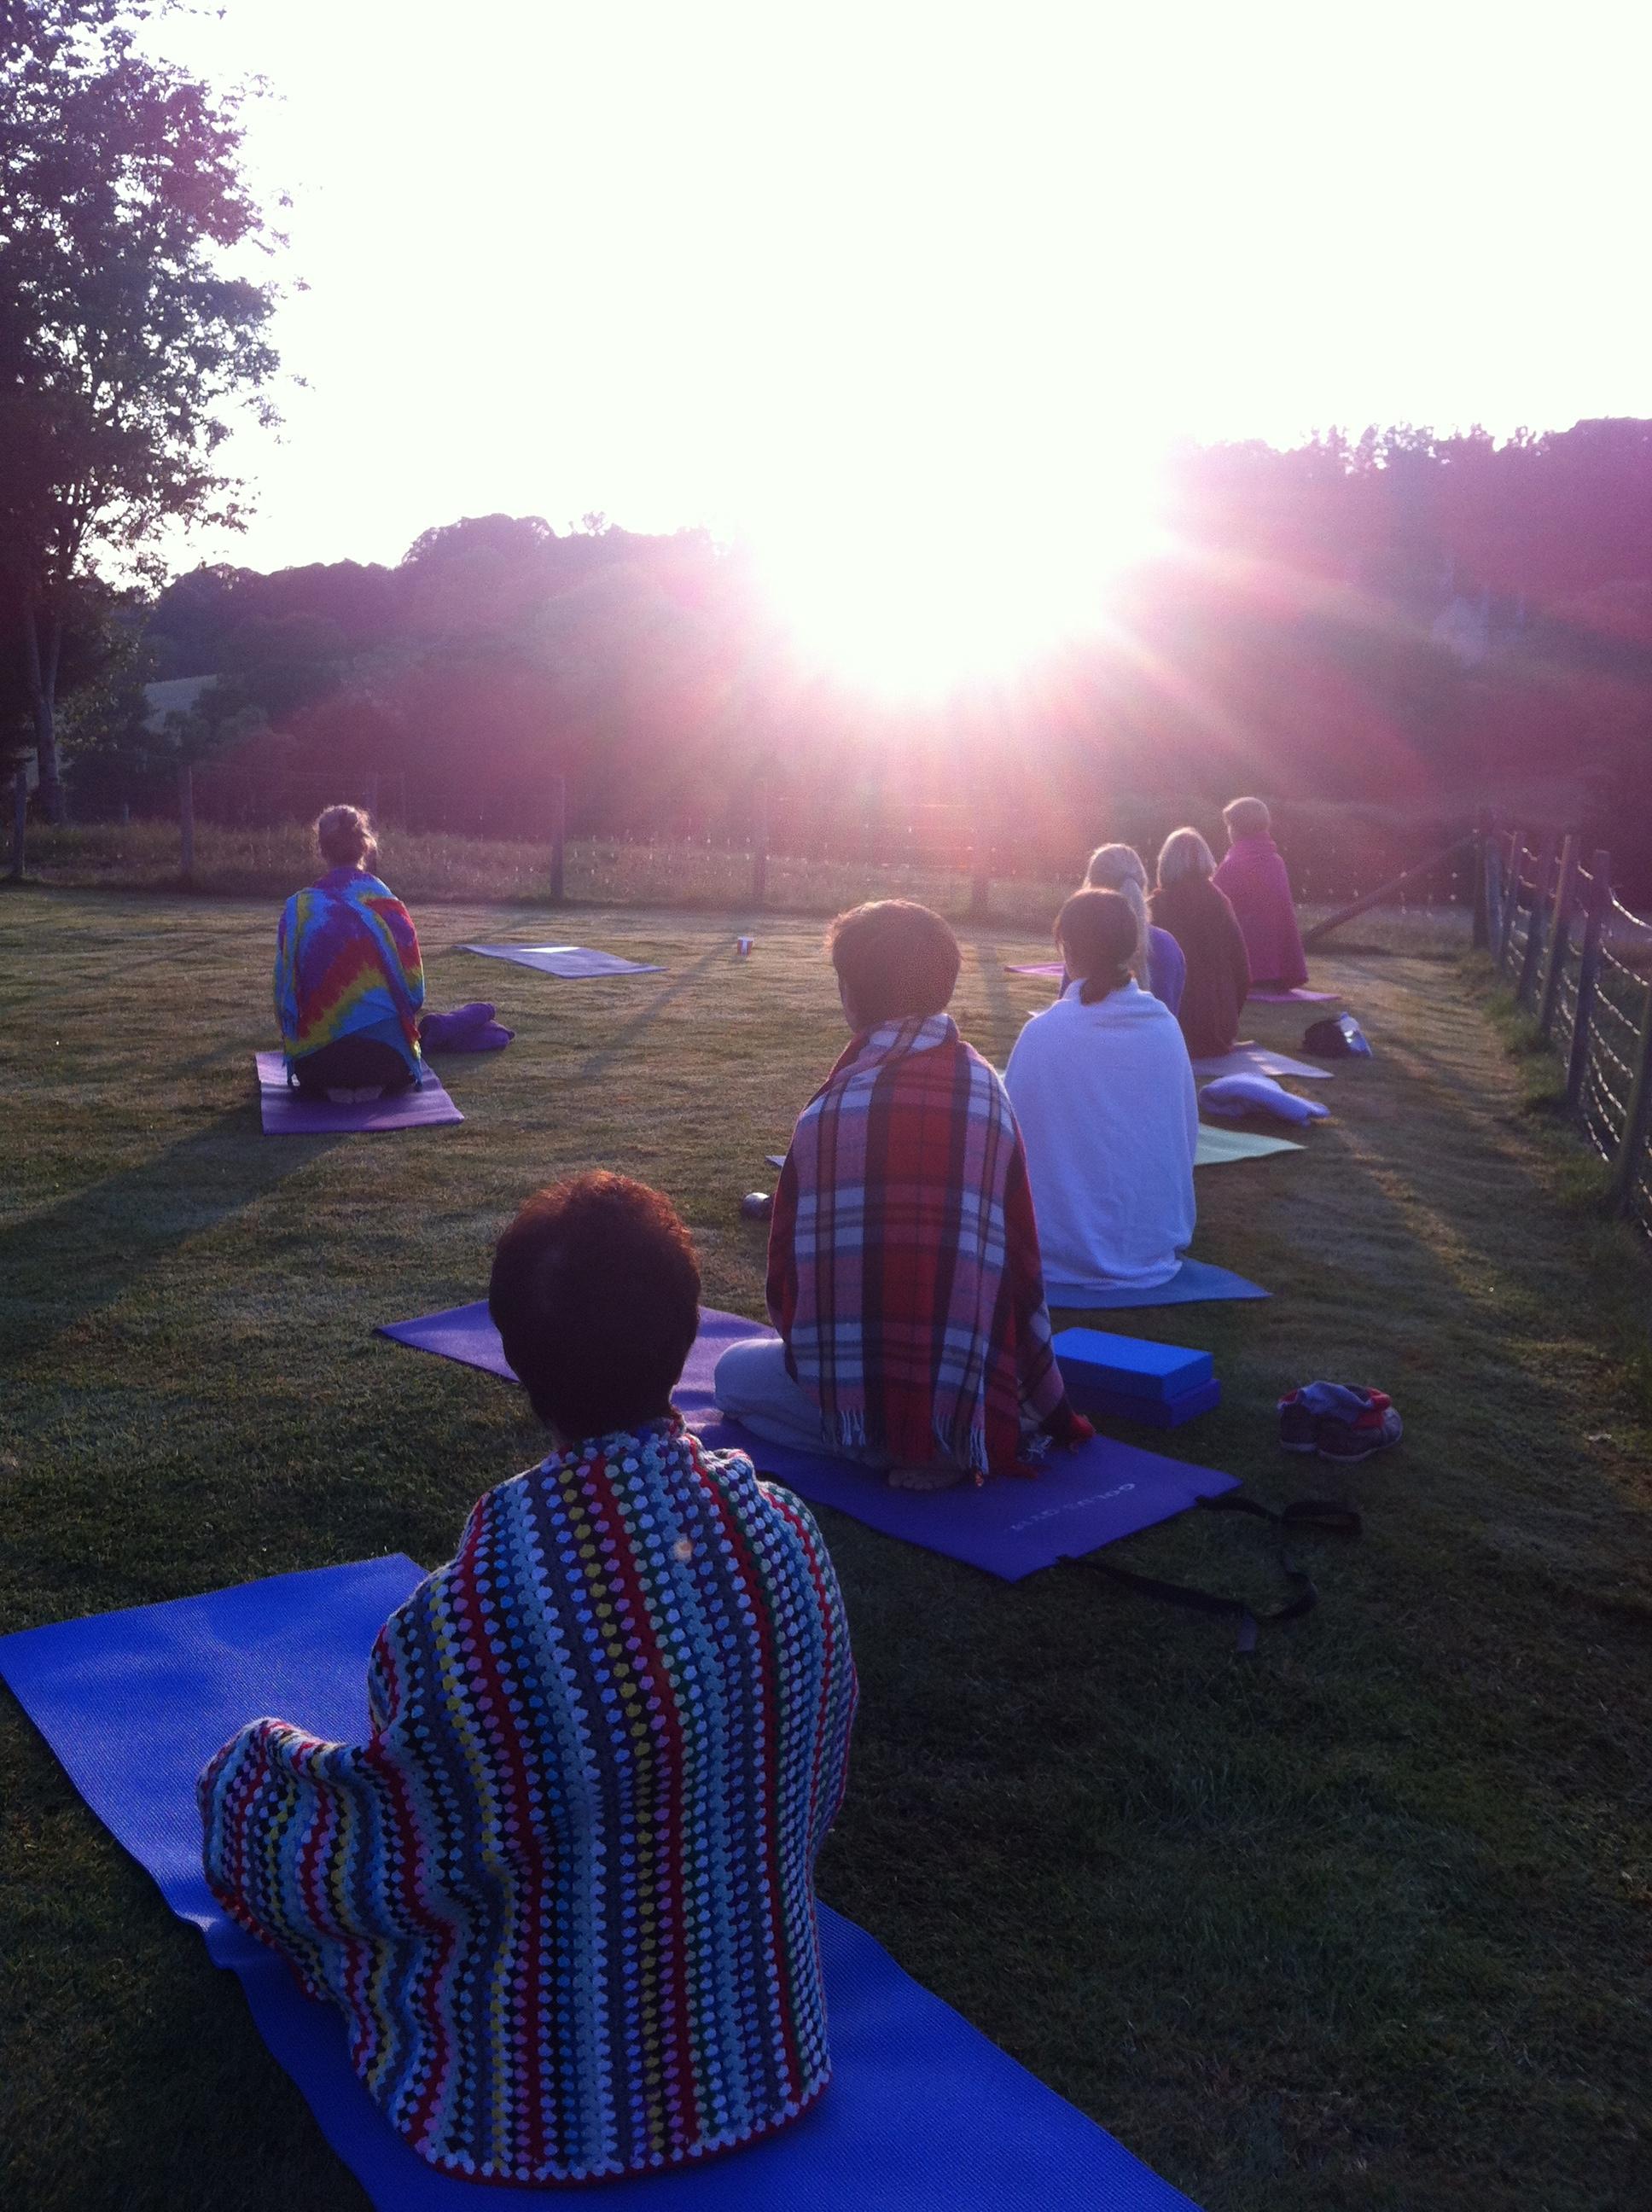 yoga dawn sun mat outdoors health relax